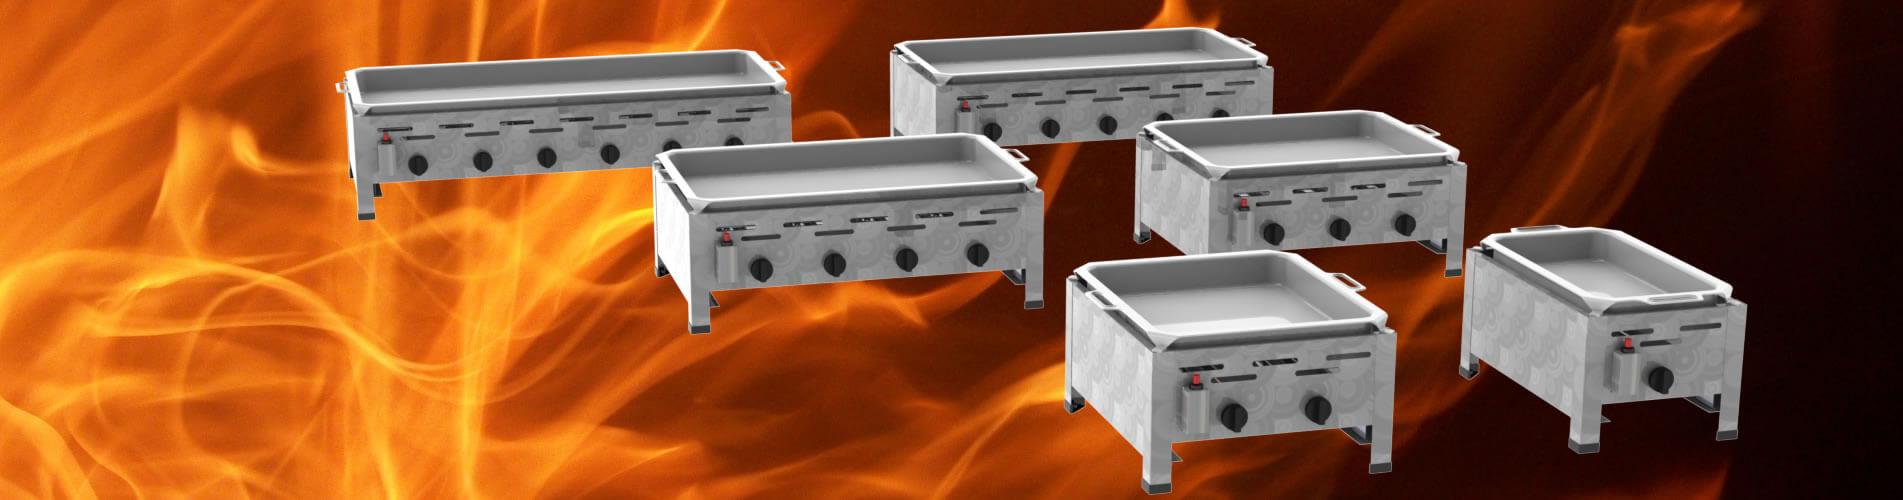 Tisch-Gastrobräter mit Pfanne 1-flammig bis 6-flammig